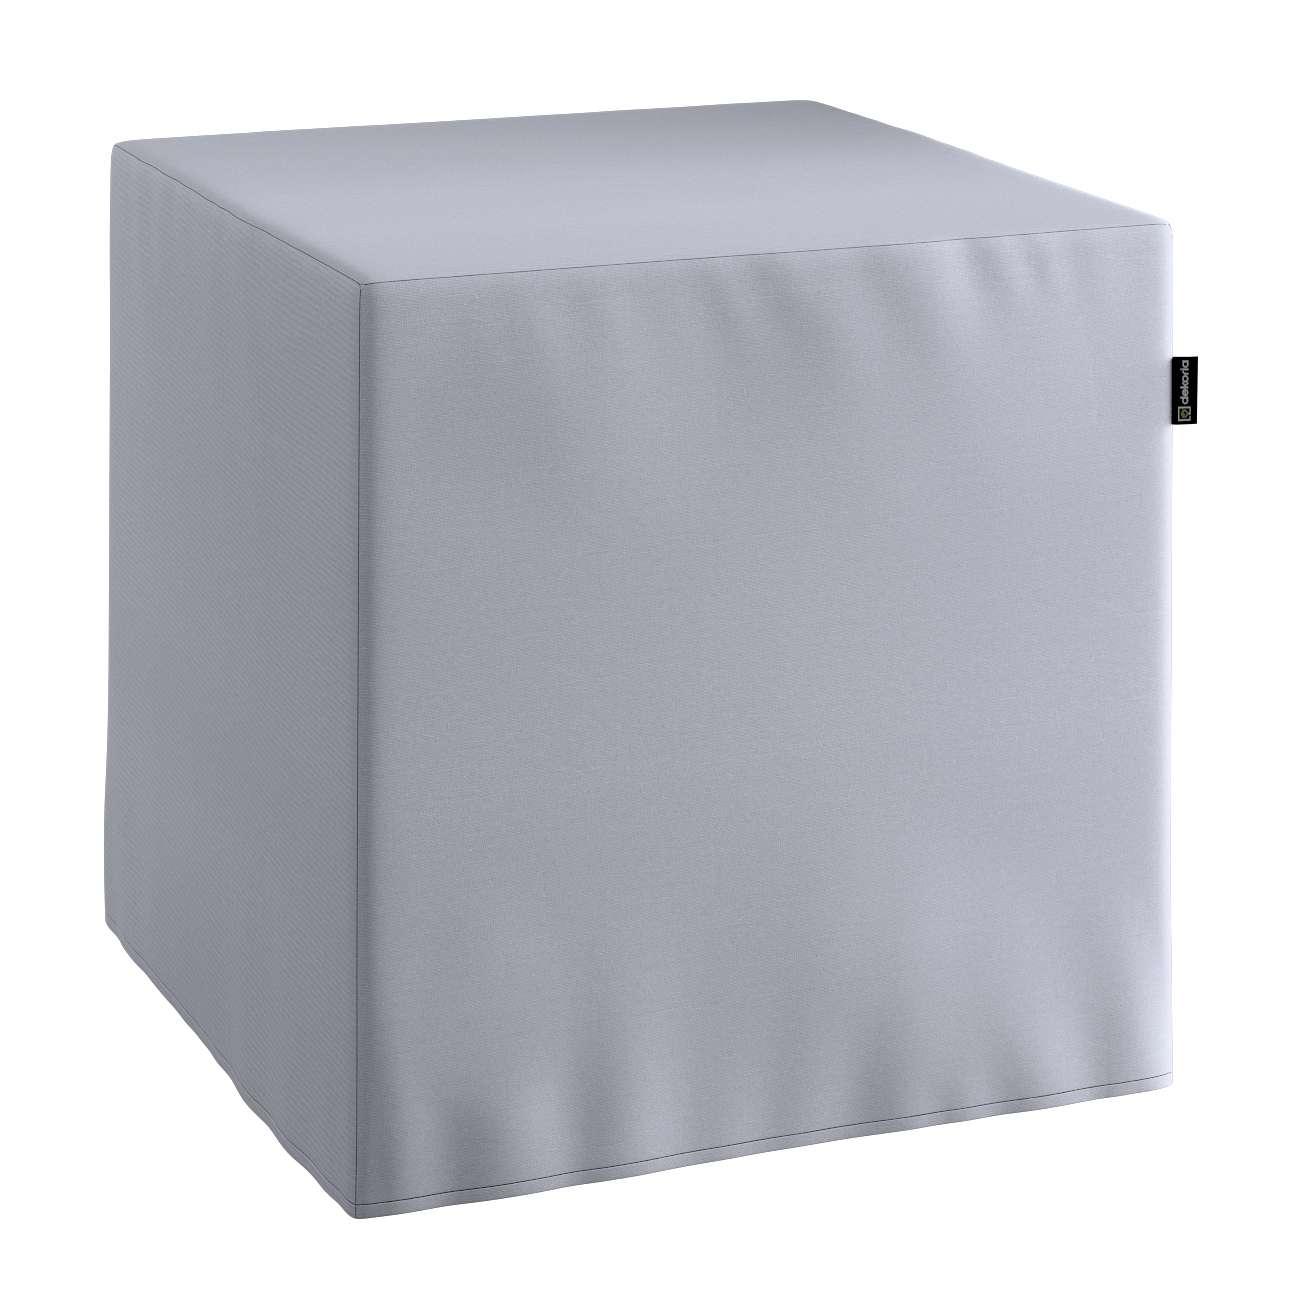 Sedák Cube - kostka pevná 40x40x40 v kolekci Jupiter, látka: 127-92